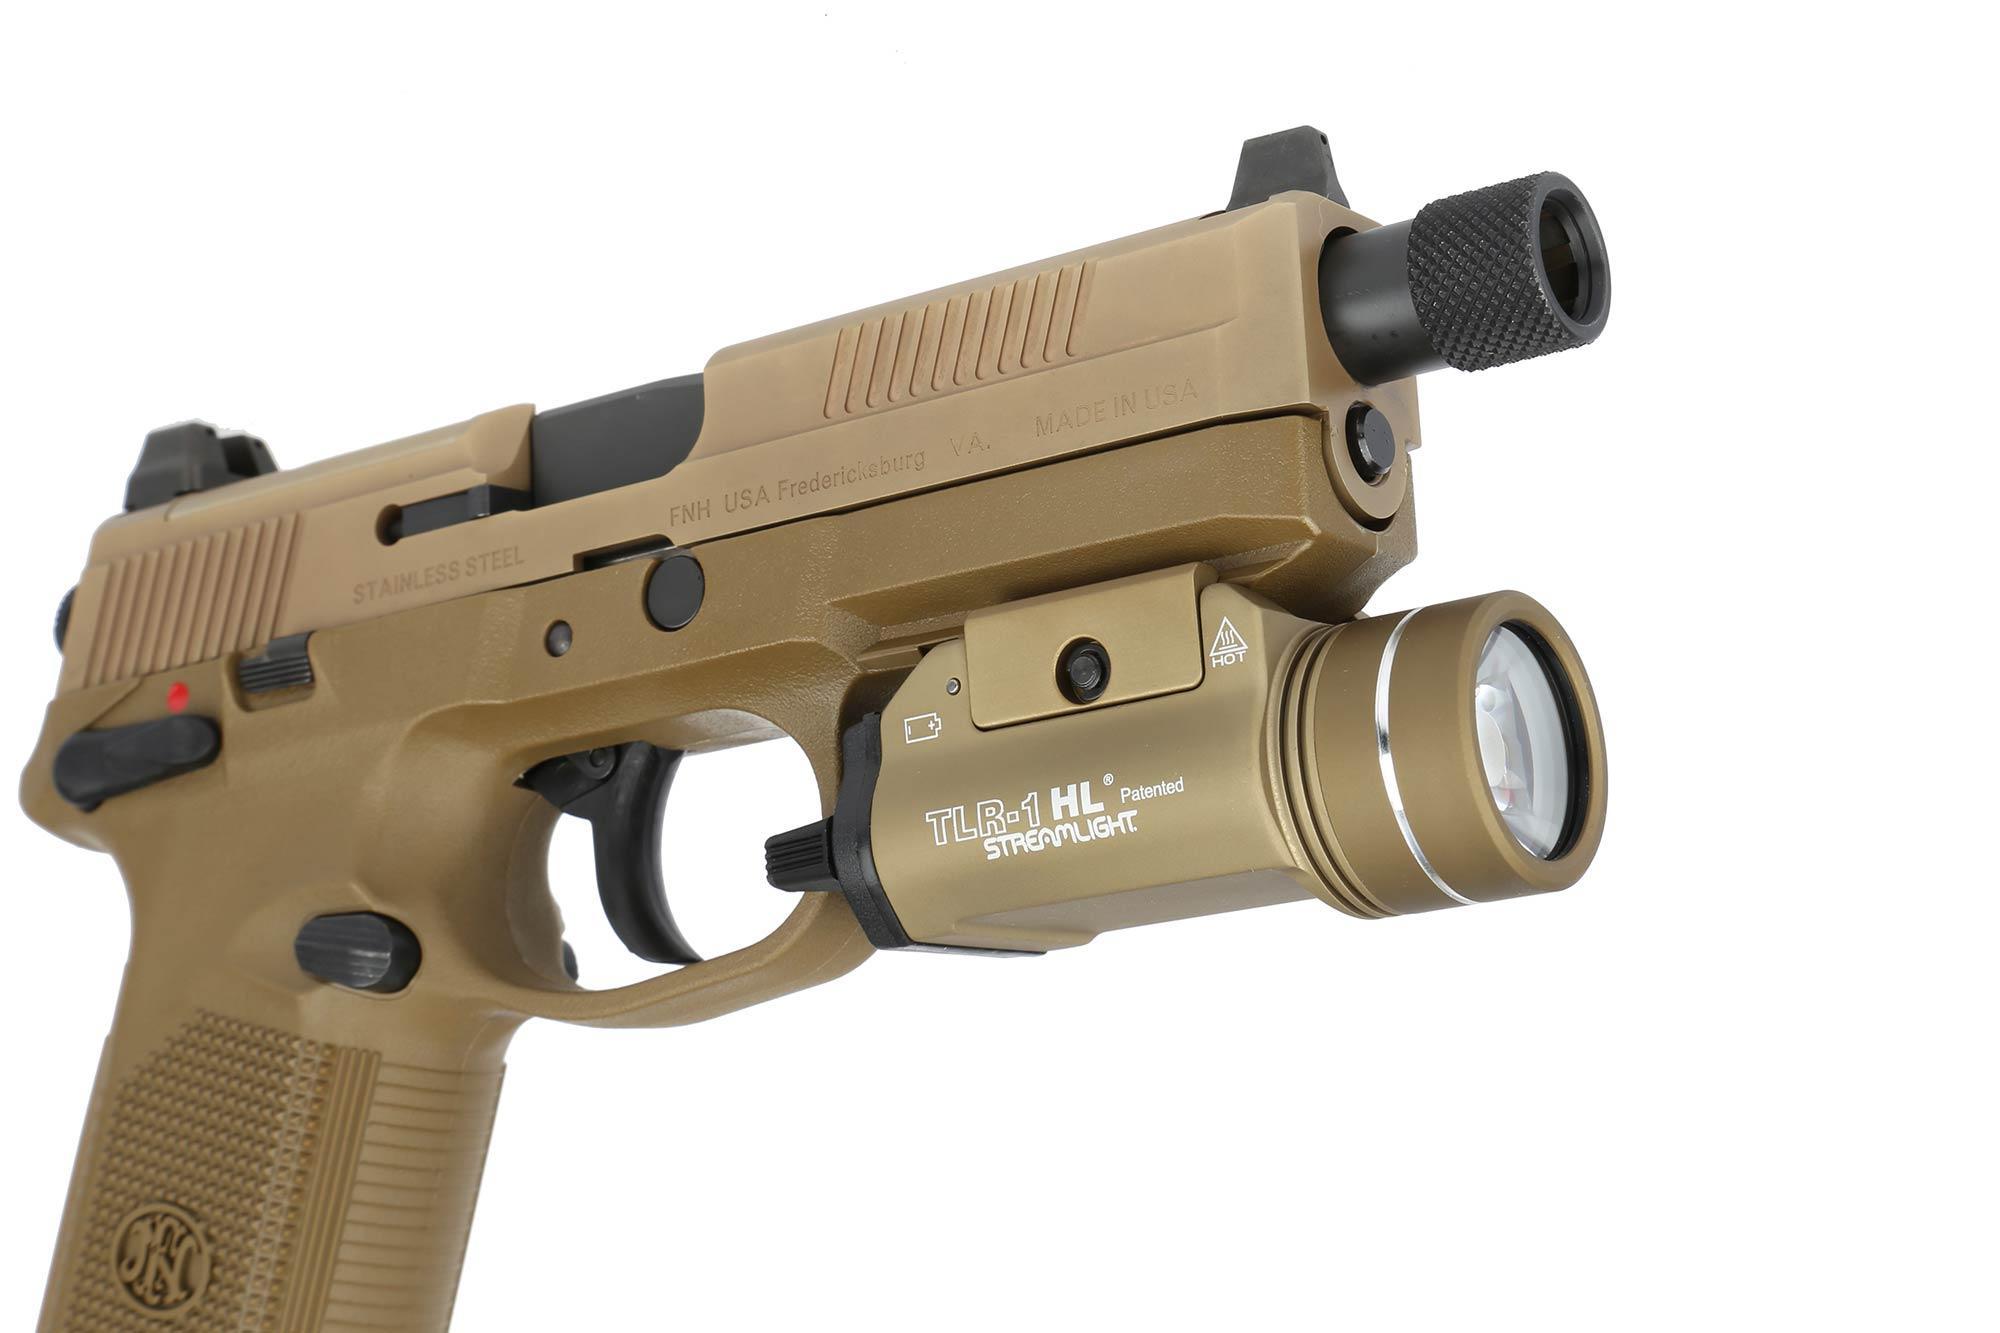 Streamlight TLR1 HL 800 Lumen Tactical Weapon Light